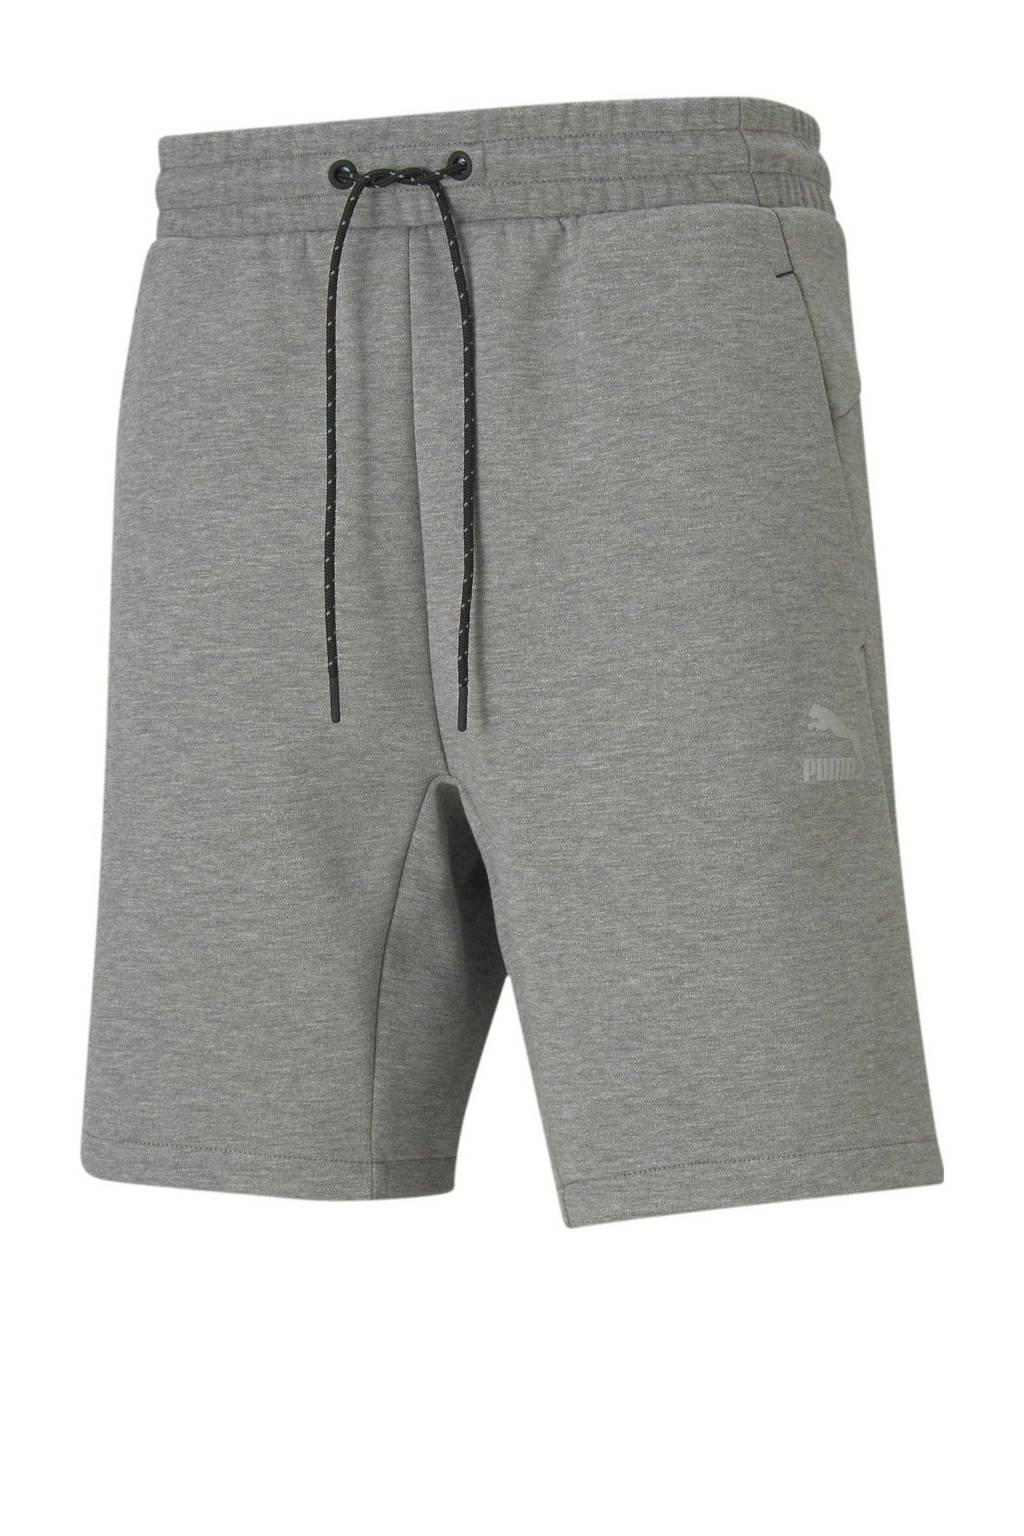 Puma sweatshort grijs melange, Grijs melange